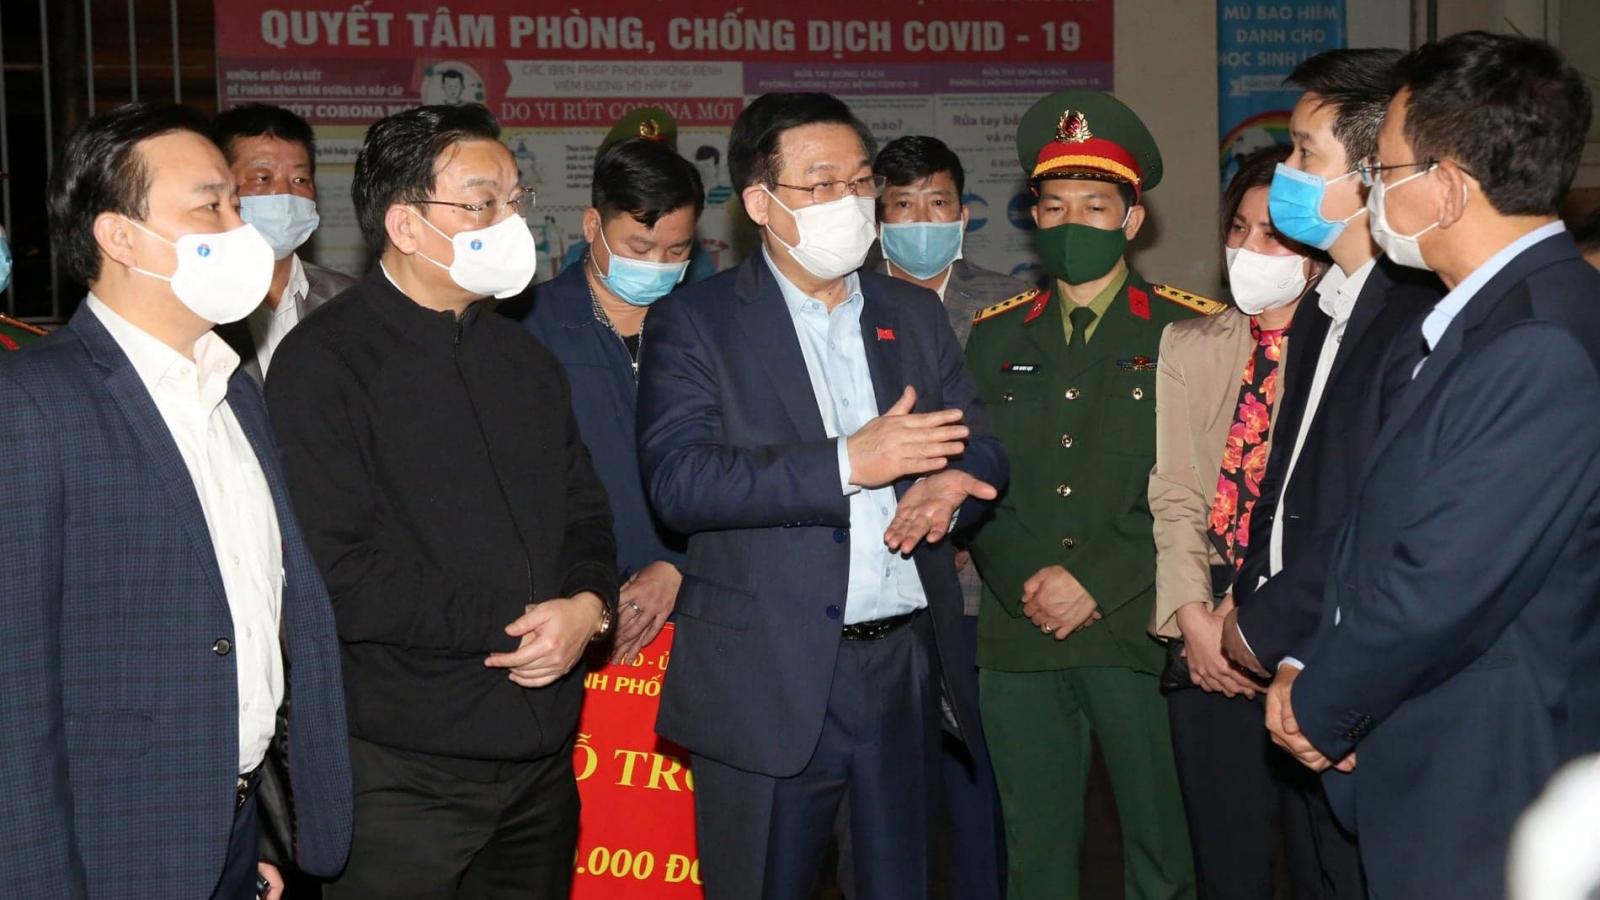 Bí thư Thành ủy Hà Nội kiểm tra đột xuất khu cách ly tại trường Tiểu học Xuân Phương